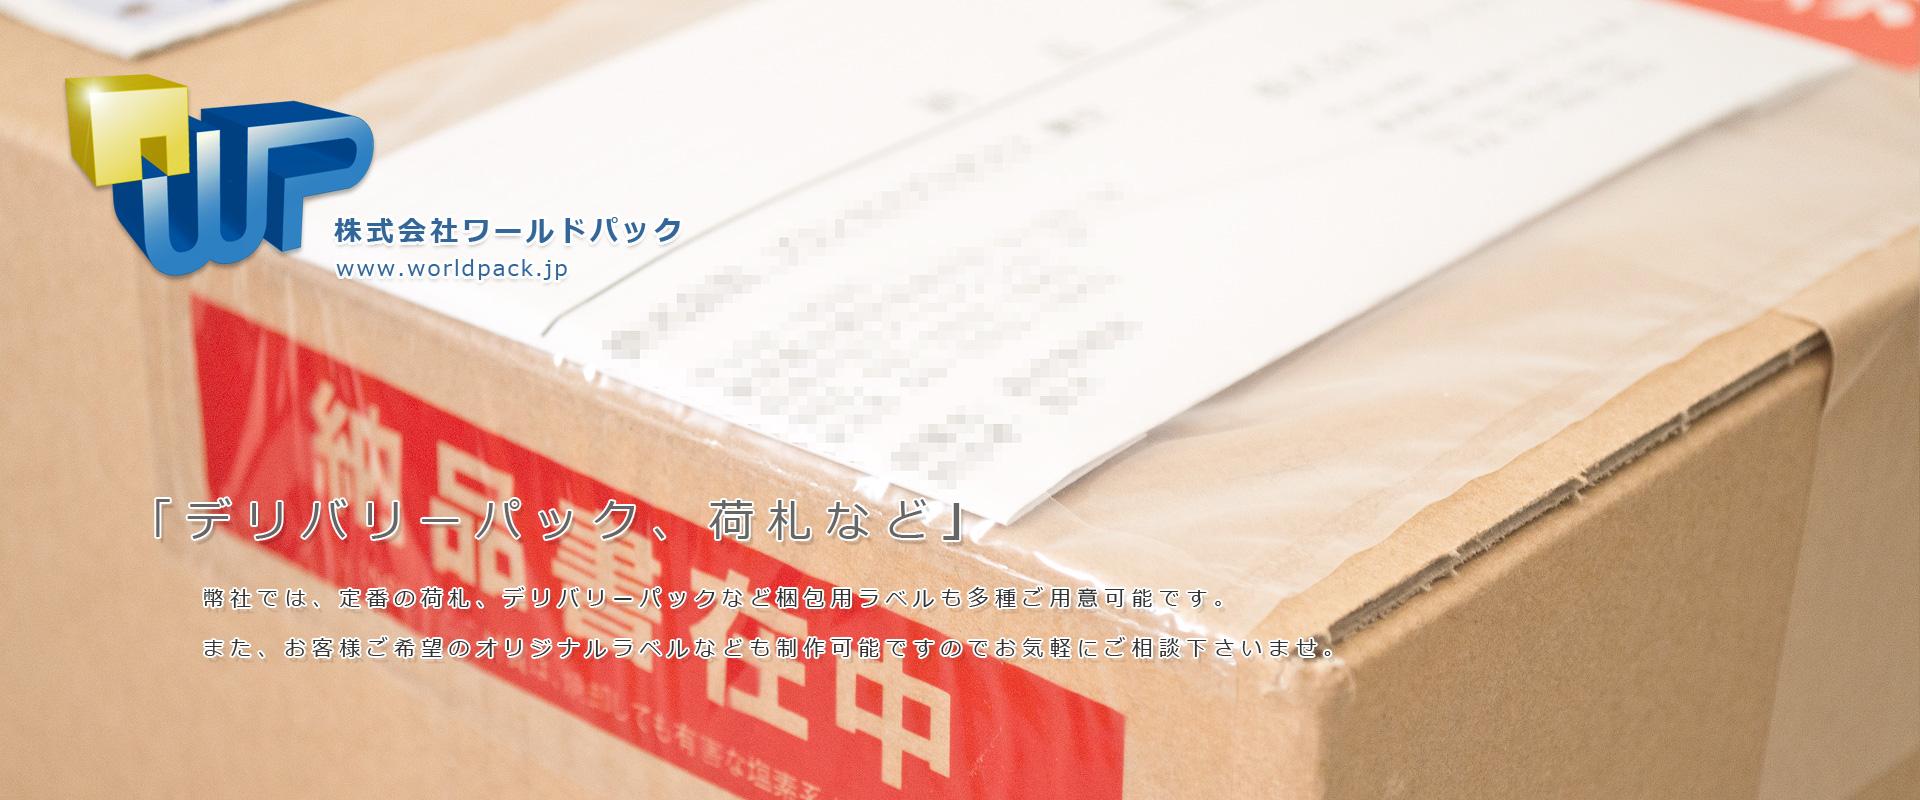 デリバリーパックや荷札も小ロットから販売いたします。 株式会社ワールドパック 東京、神奈川、埼玉、千葉、茨城、群馬、栃木